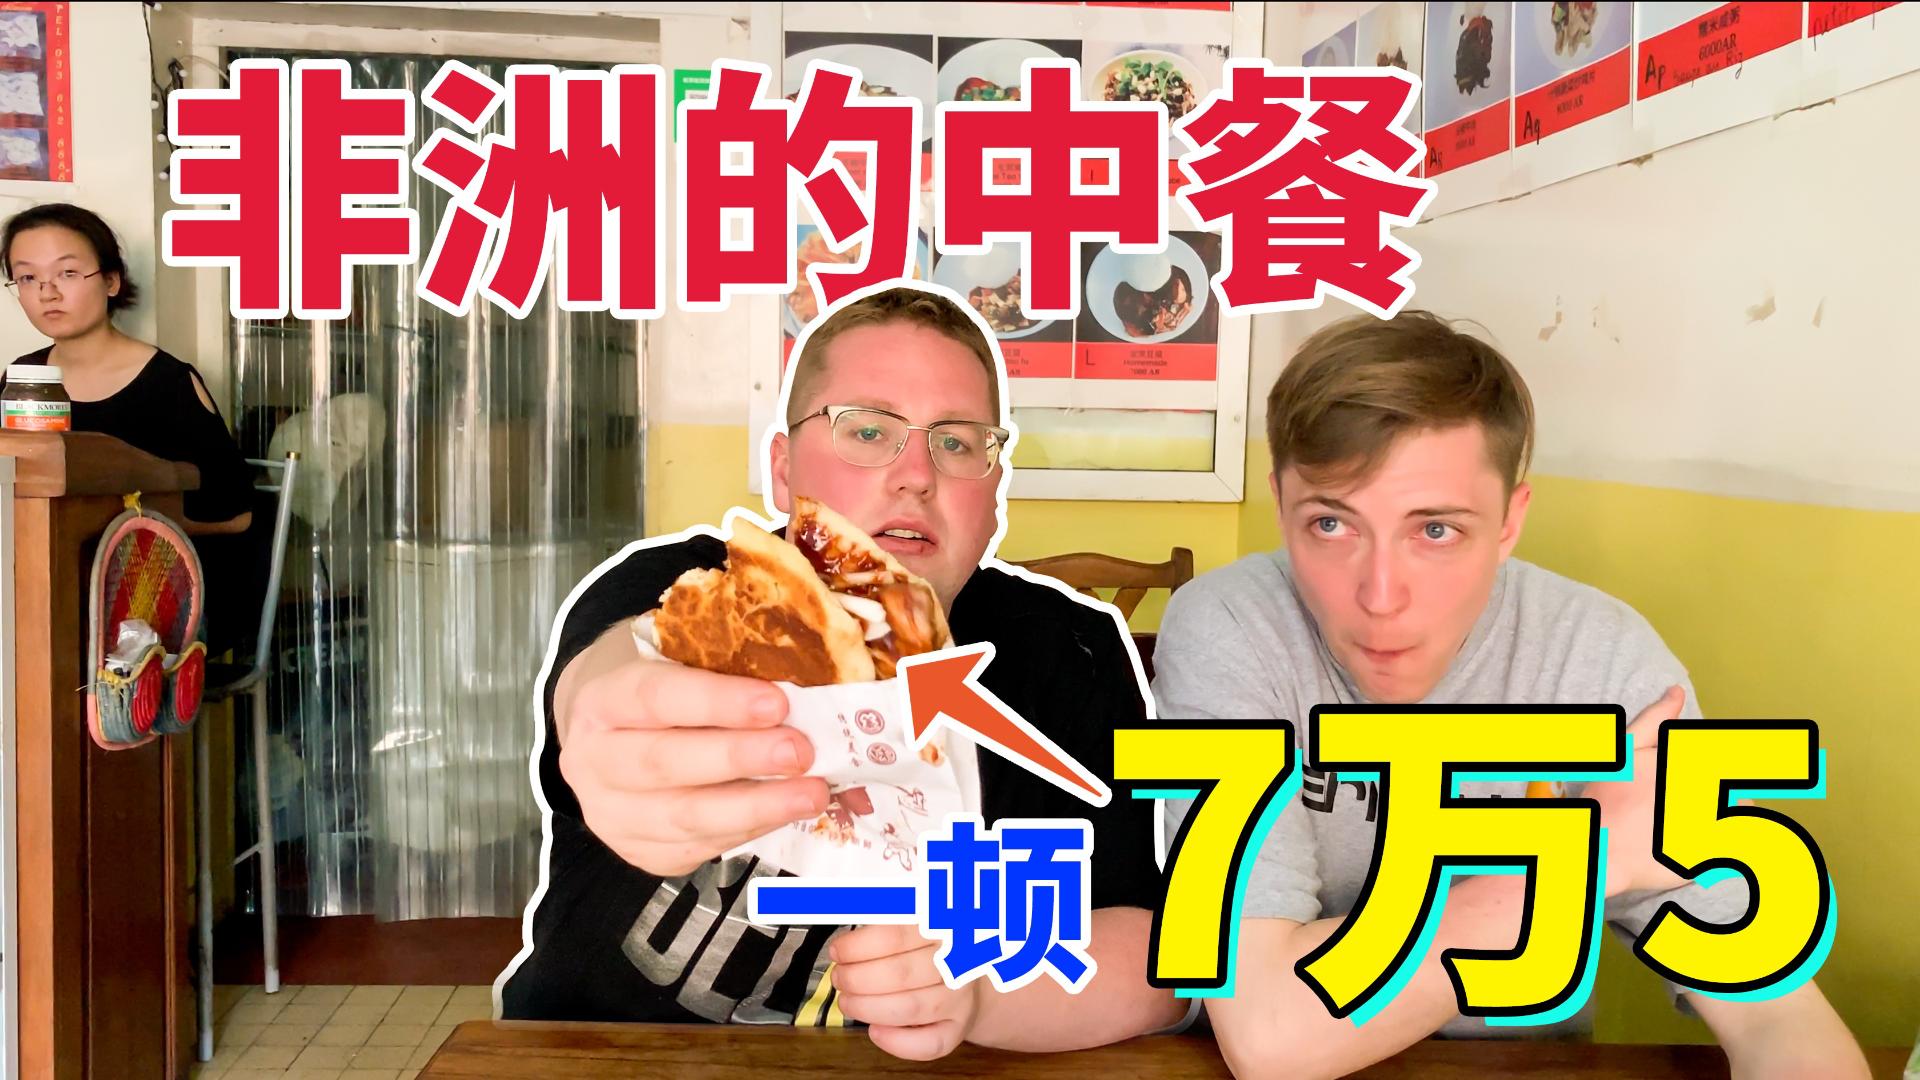 【阿福日记】在非洲吃一顿正宗的中餐要花7万5?!